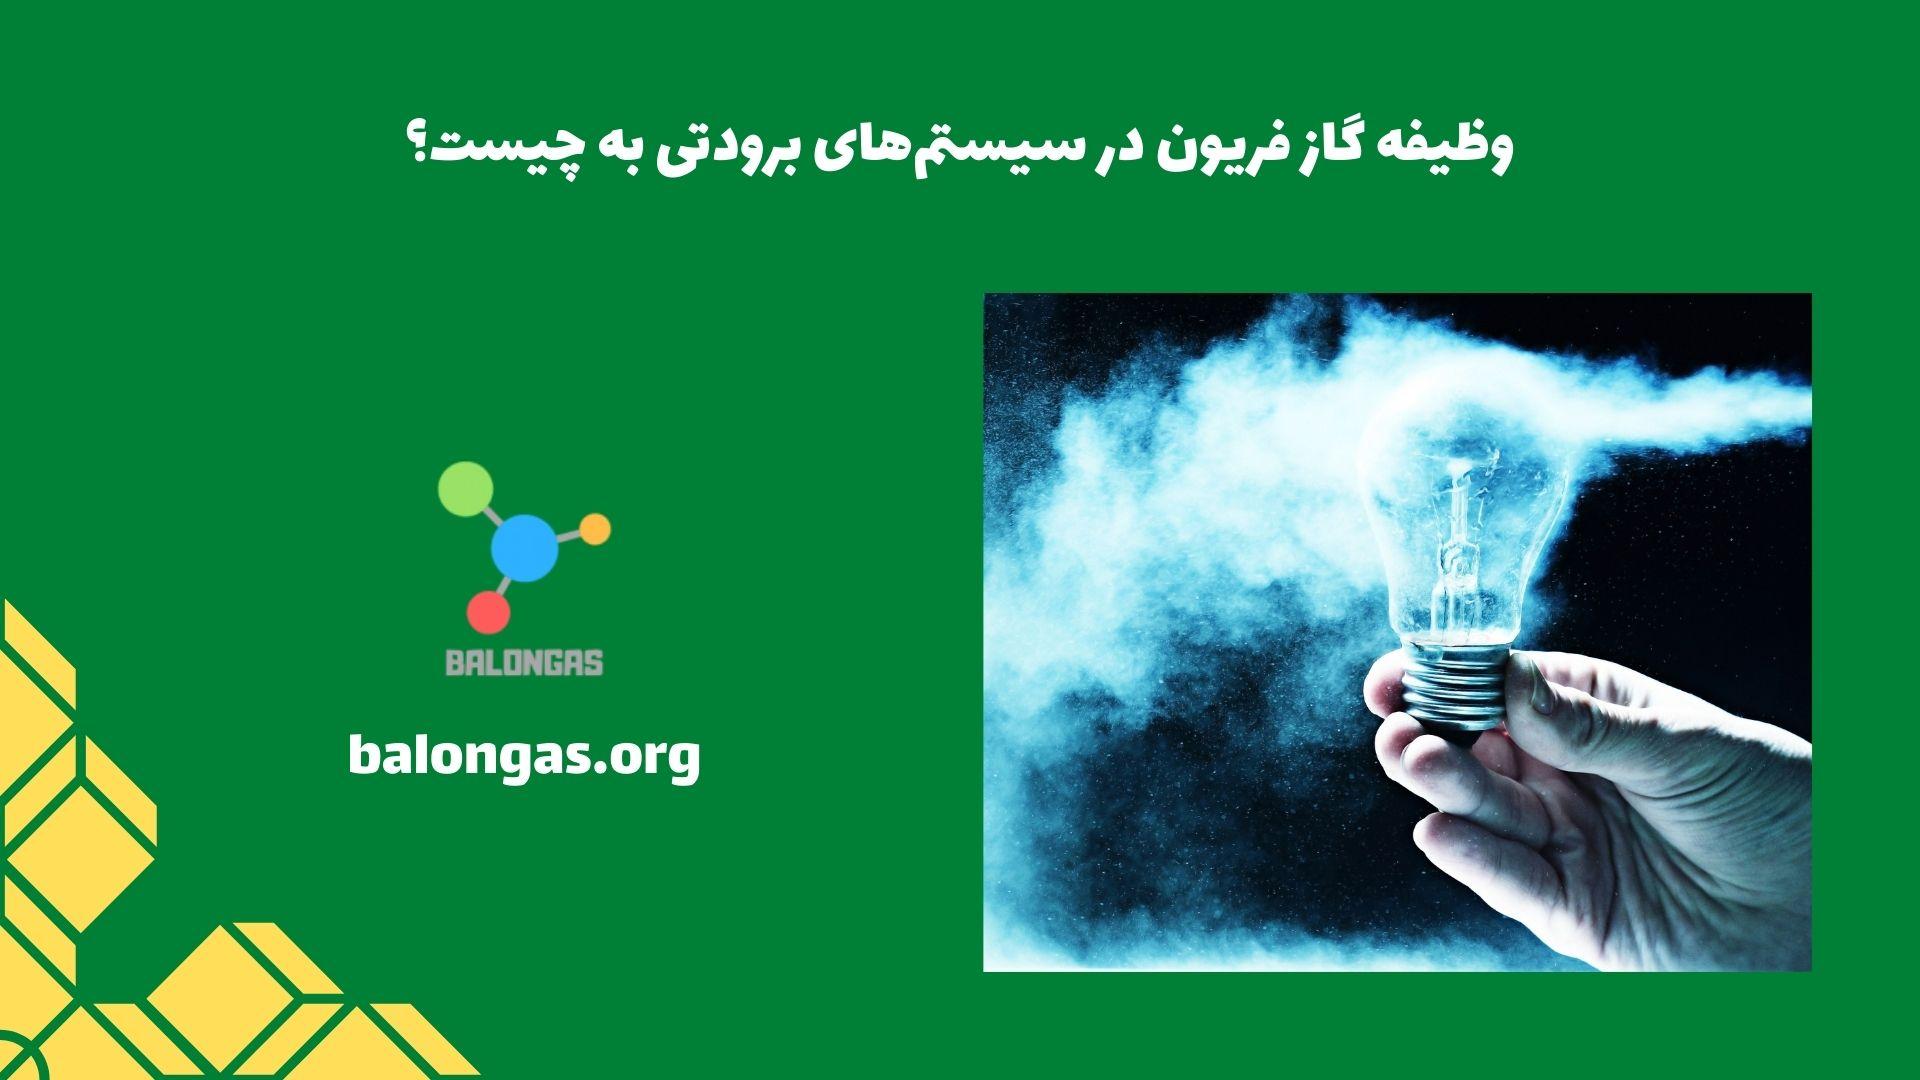 وظیفه گاز فریون در سیستمهای برودتی چیست؟